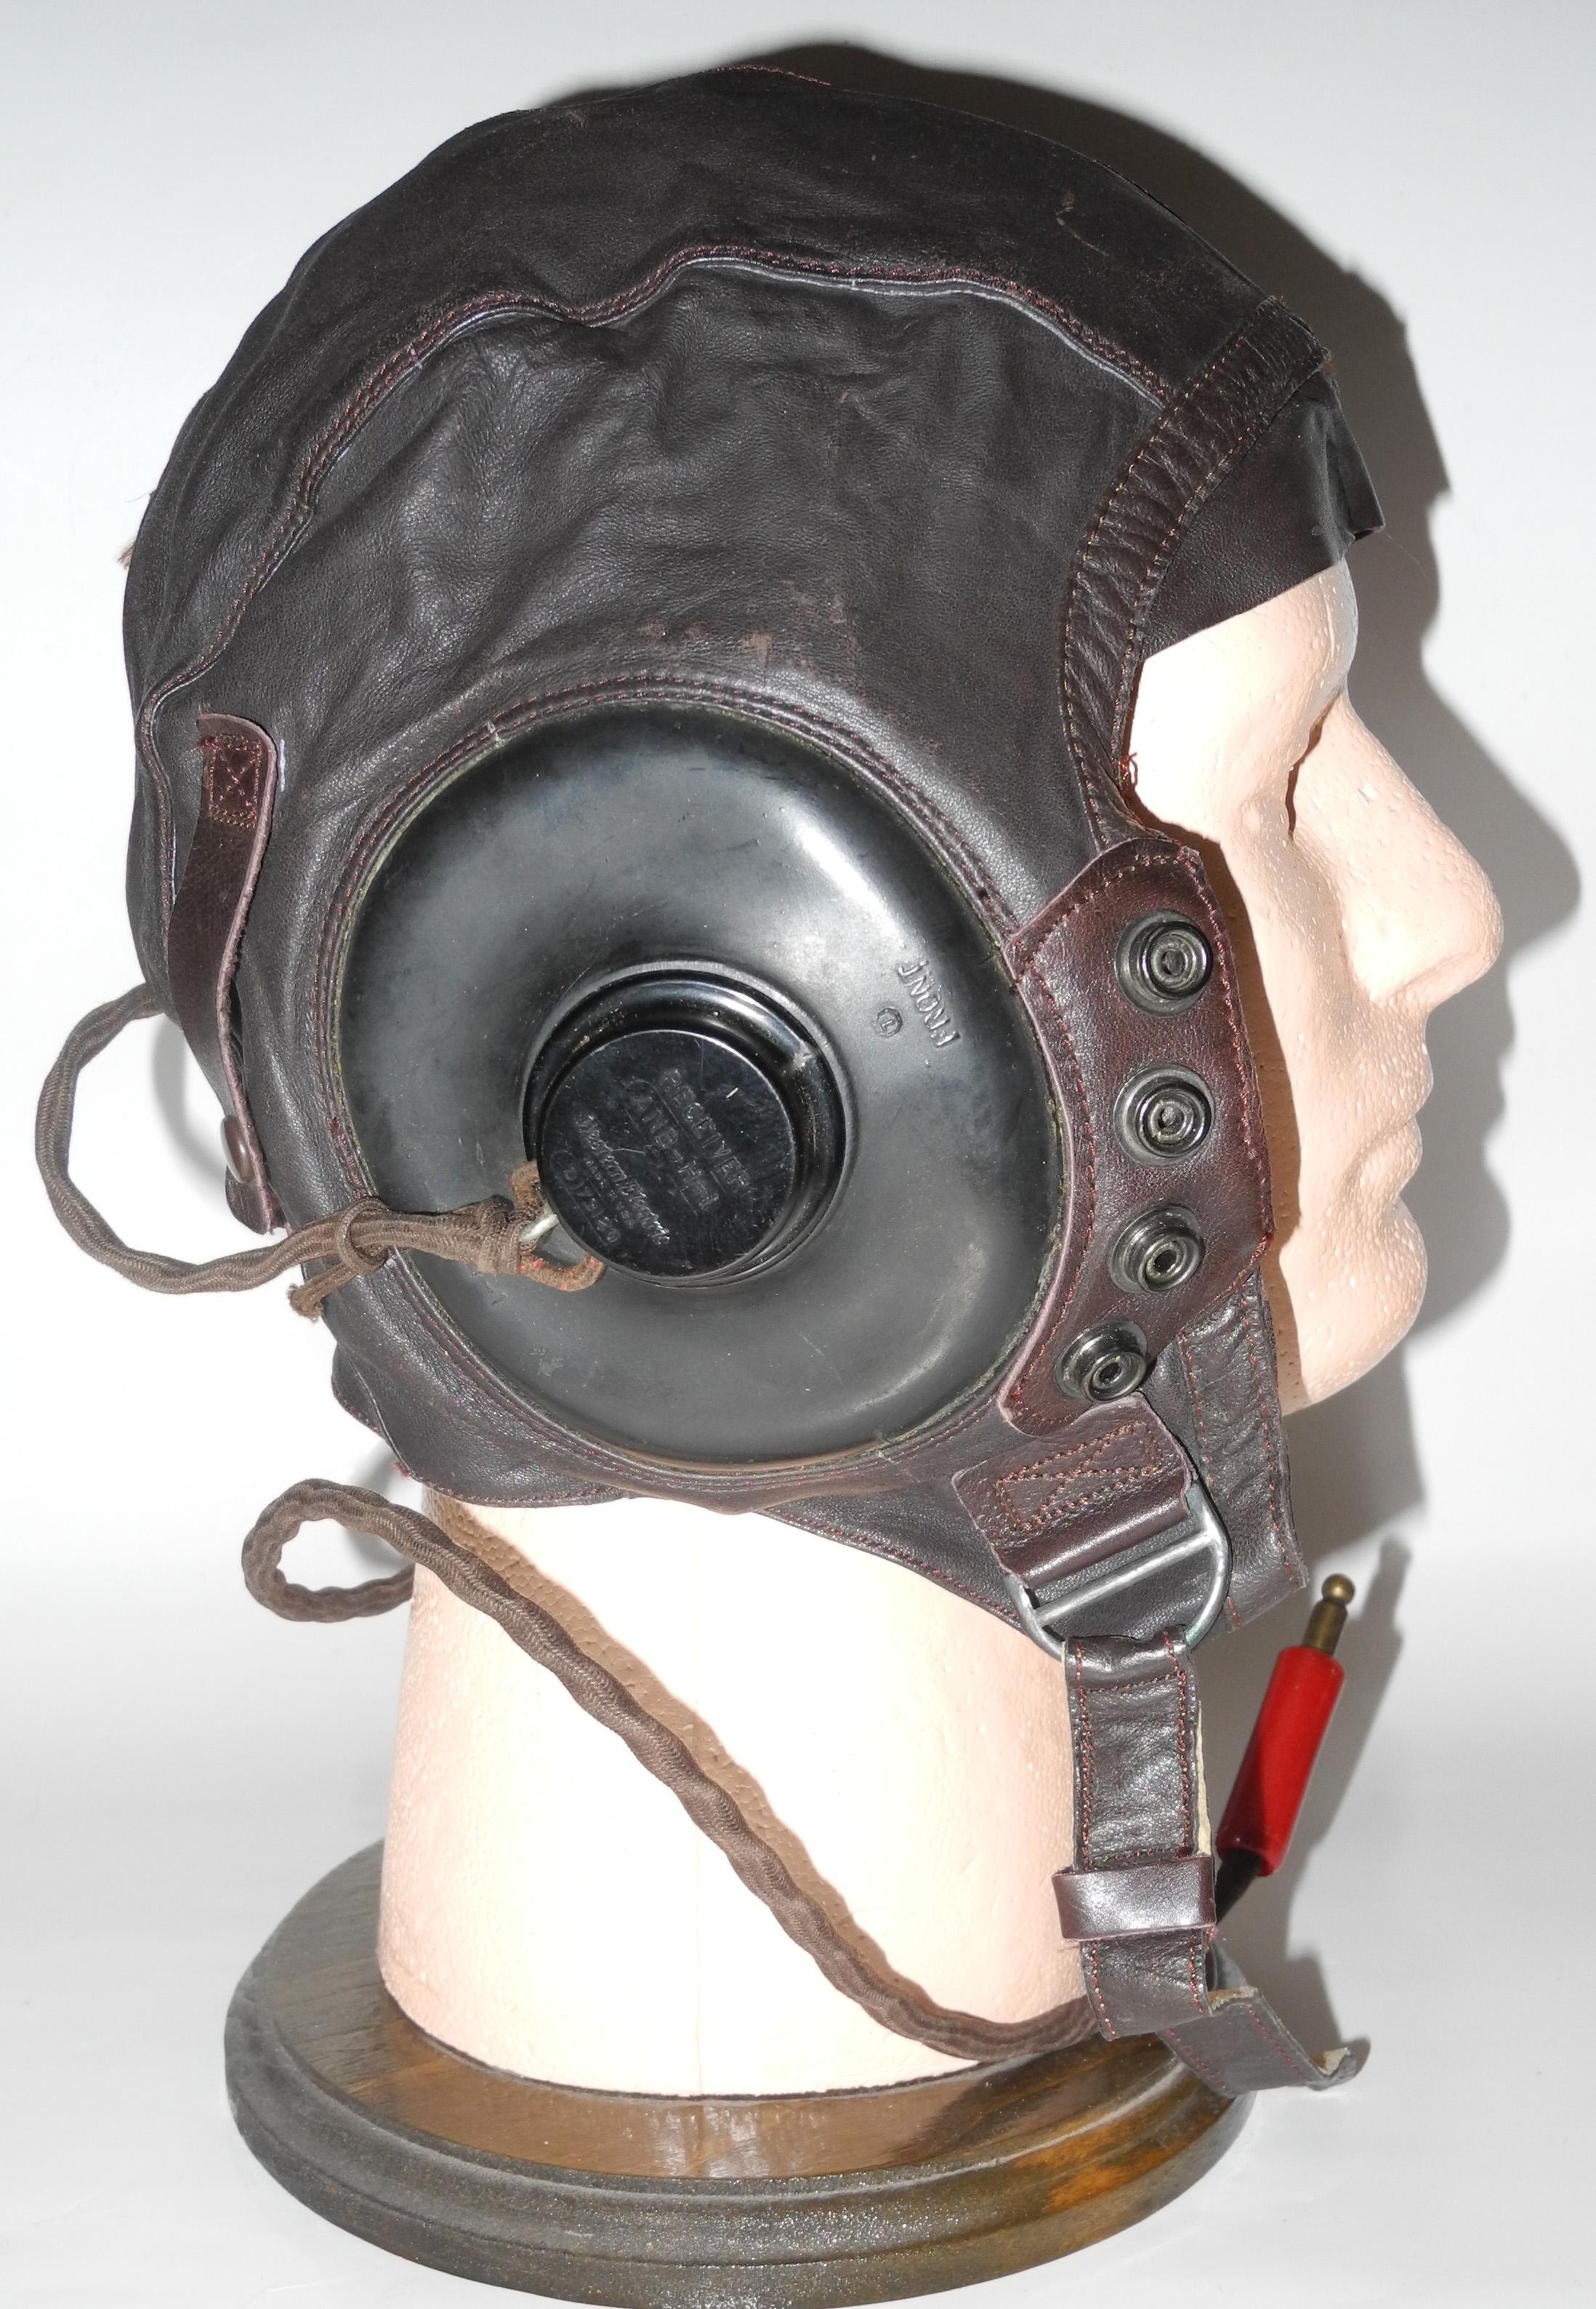 AAF A-11 Flying Helmet, unissued